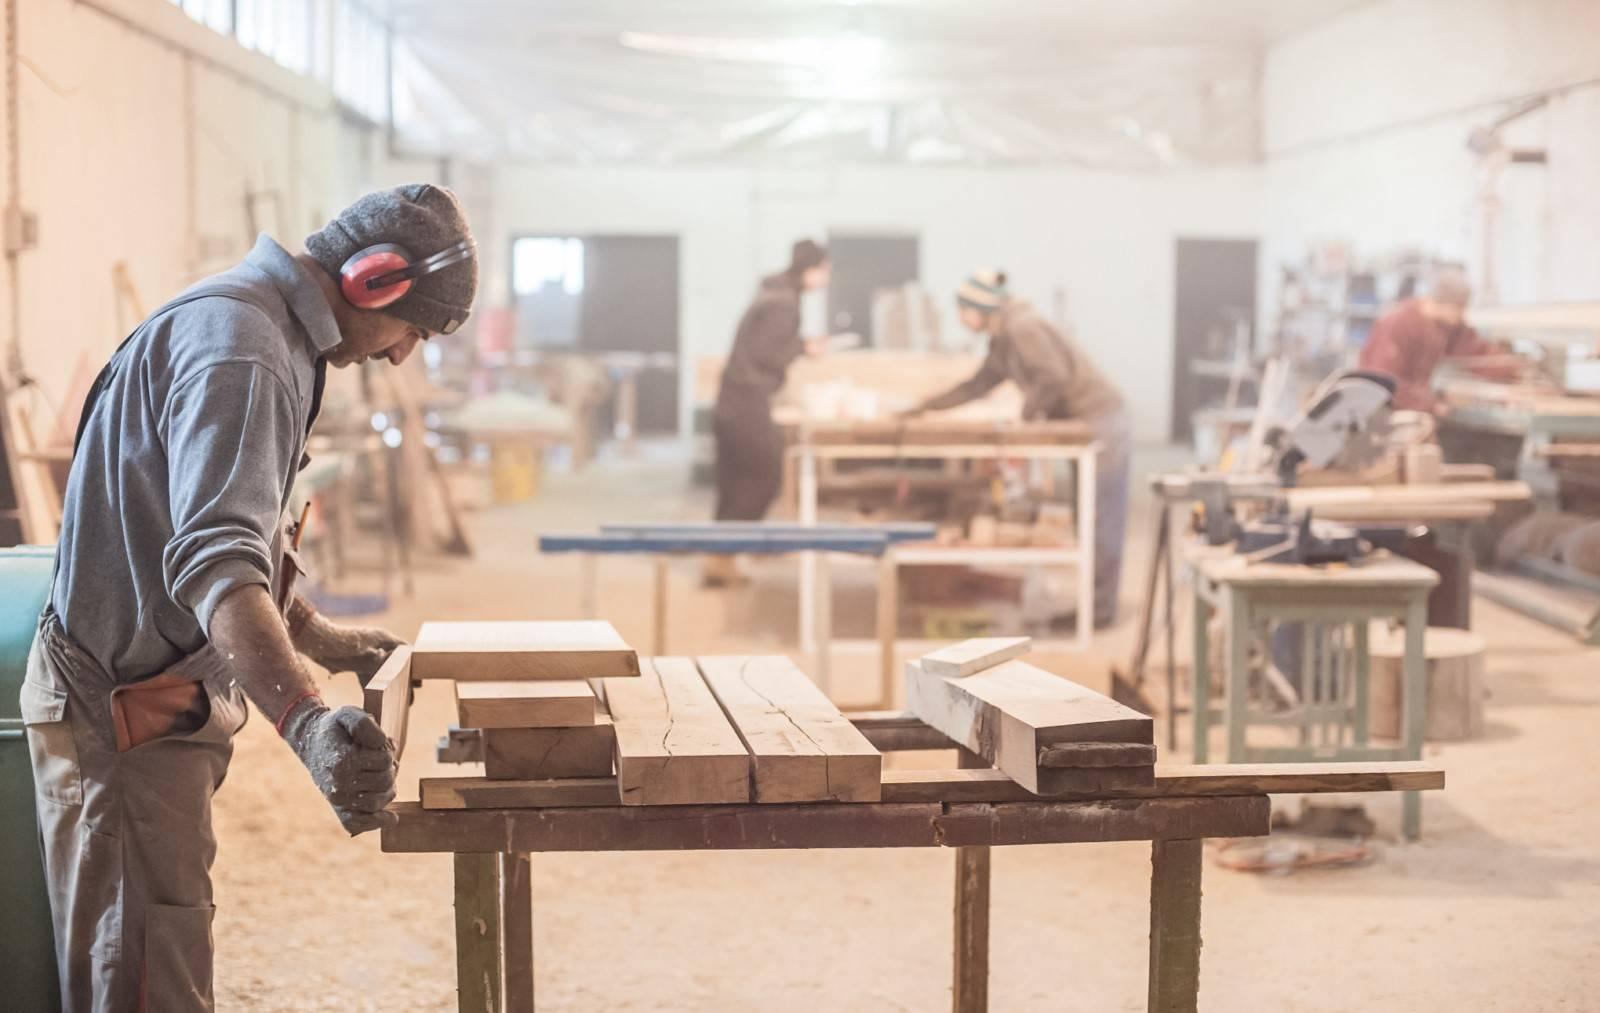 comment d clarer la p nibilit au travail avignon conseil en valuation des risques au travail. Black Bedroom Furniture Sets. Home Design Ideas